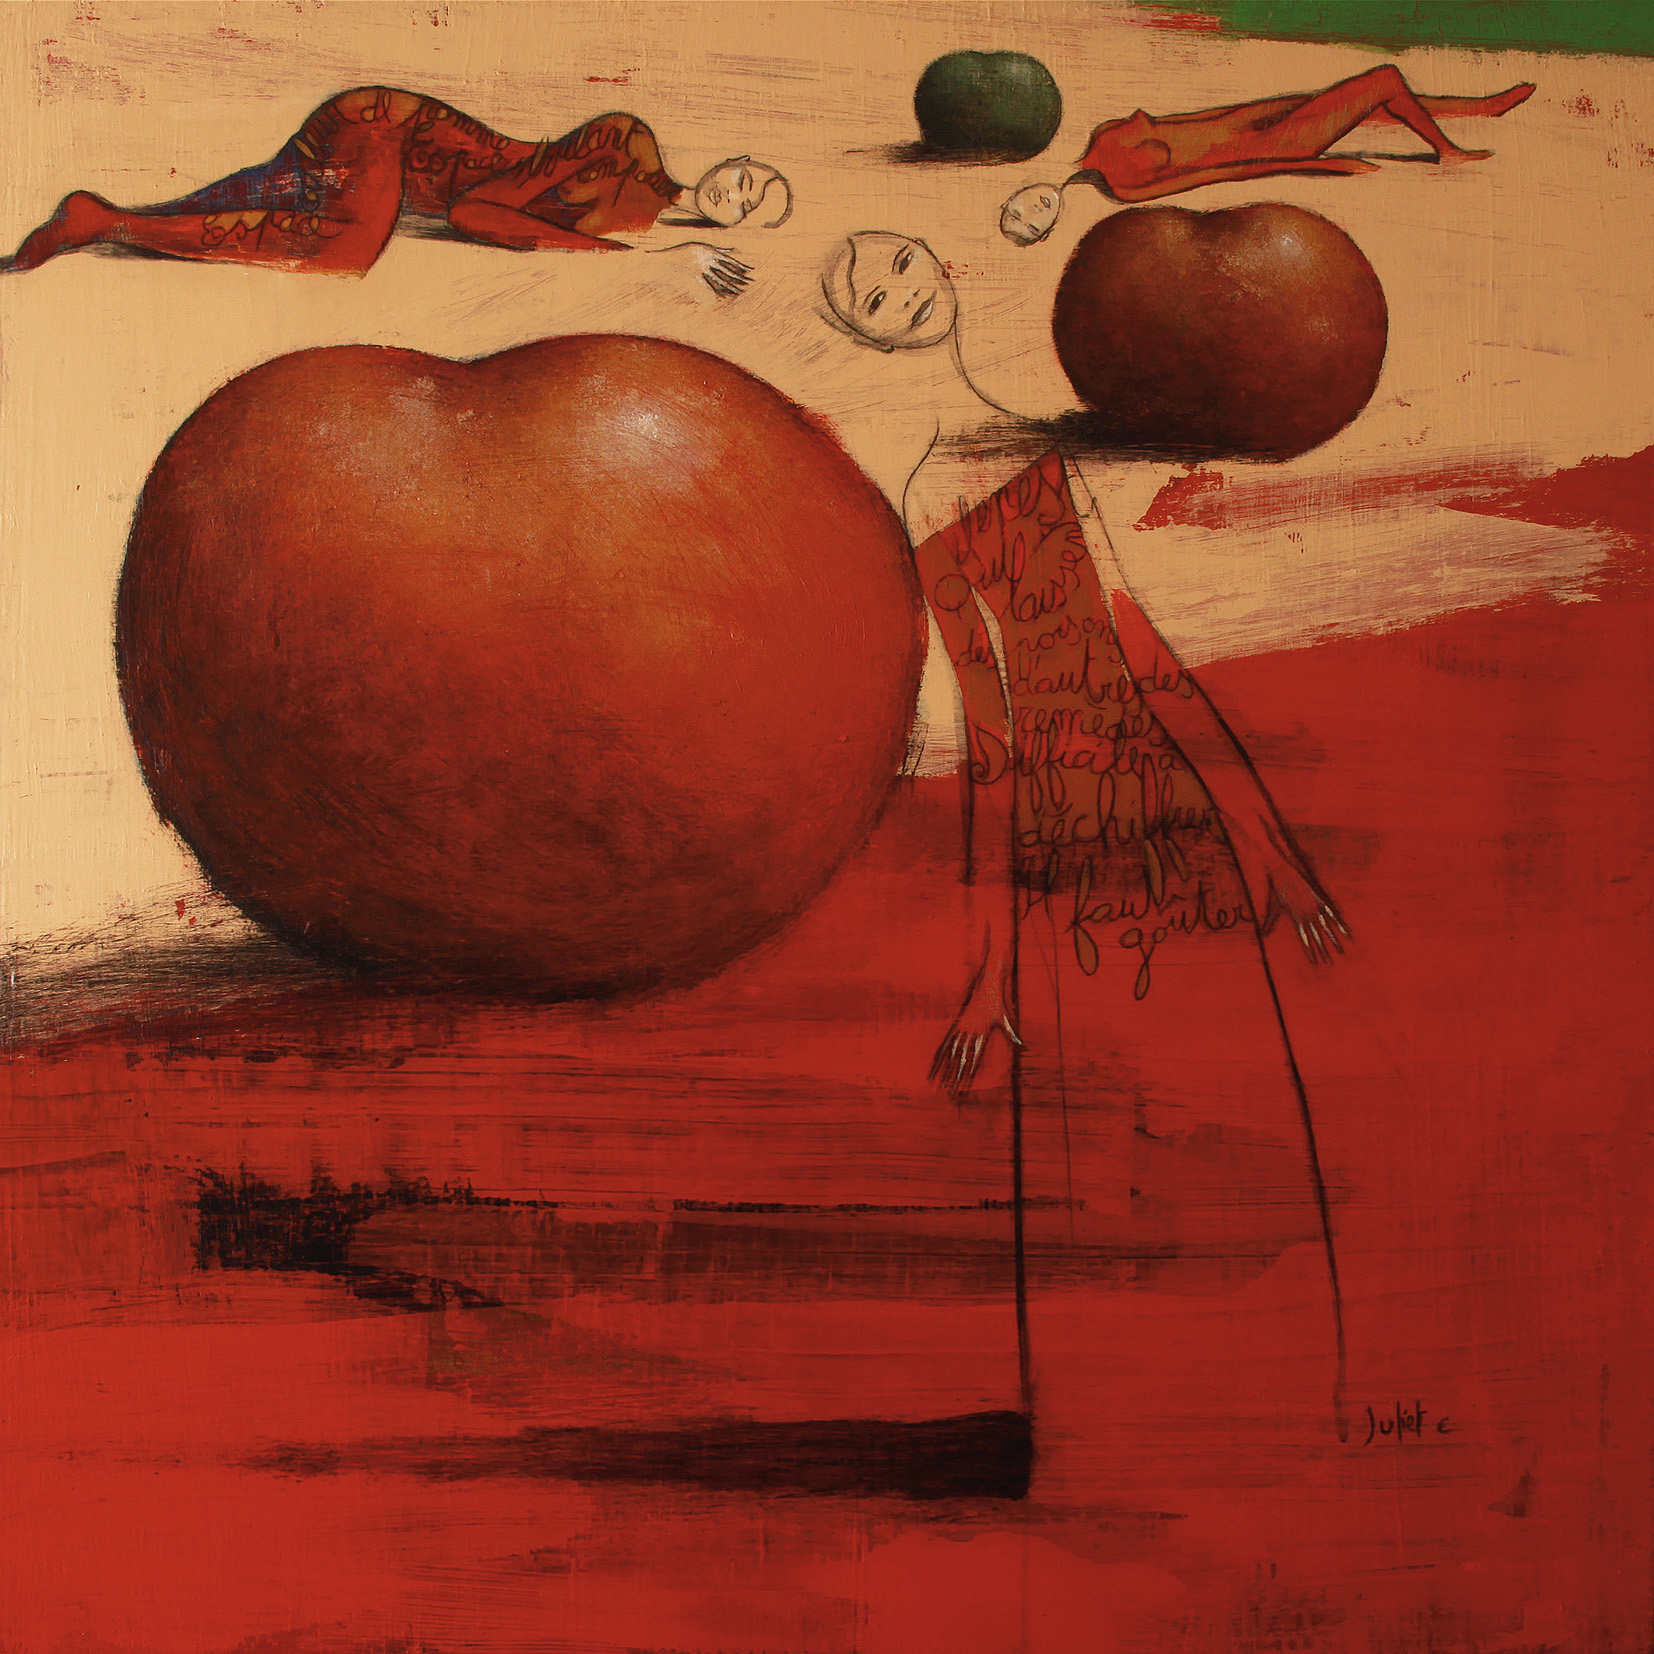 ... SUR RENÉ CHAR acrylique et crayon noir sur toile 100x100 cm